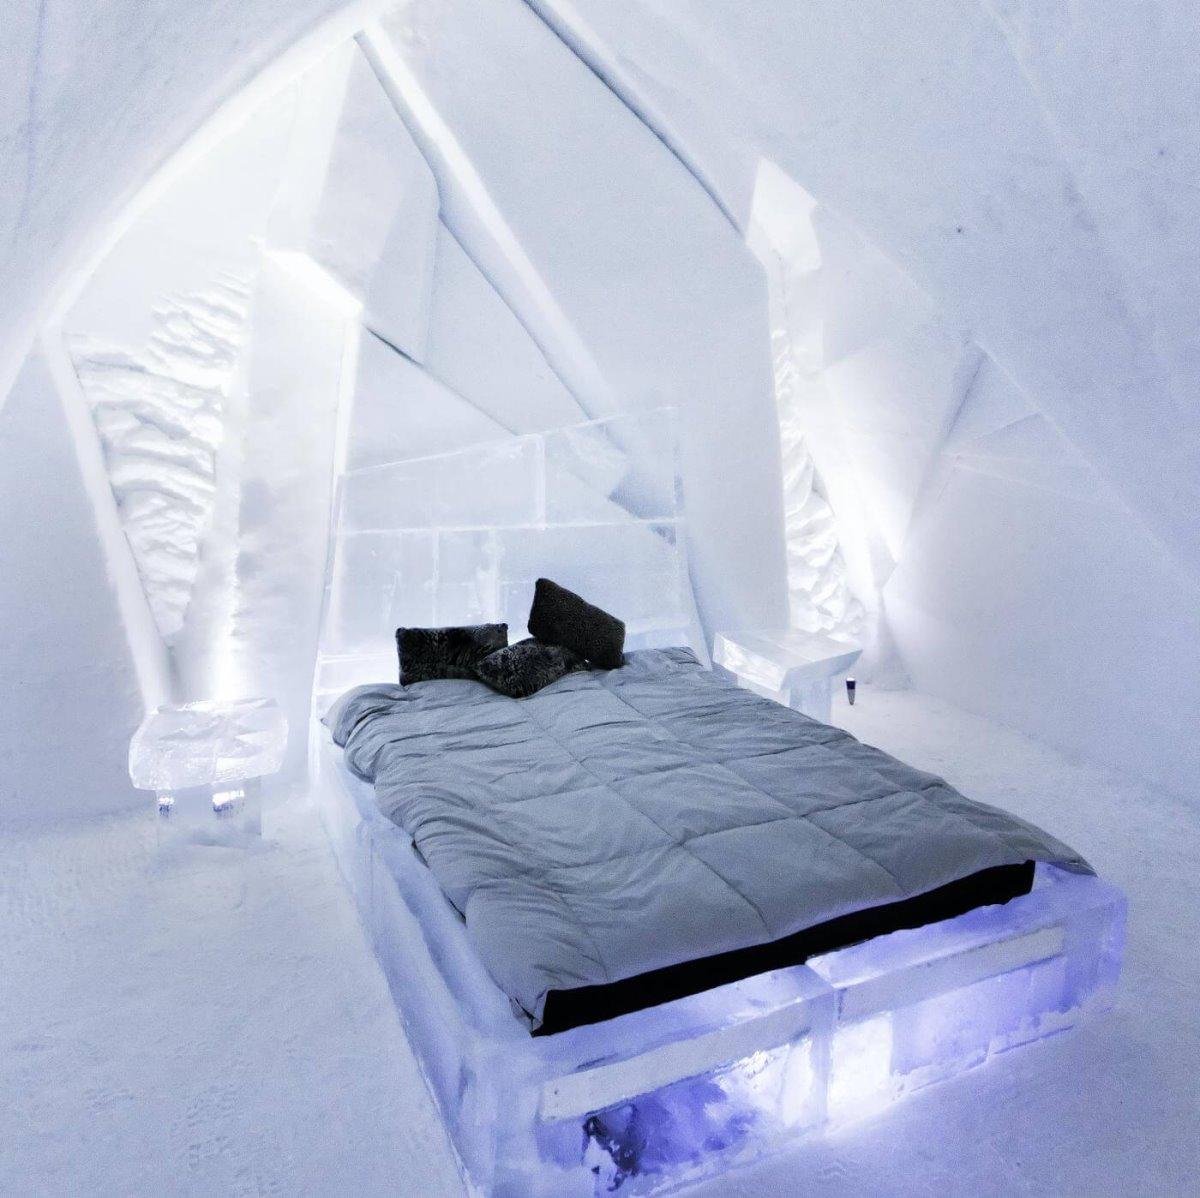 Μέσα στο παγωμένο ξενοδοχείο  De Glace